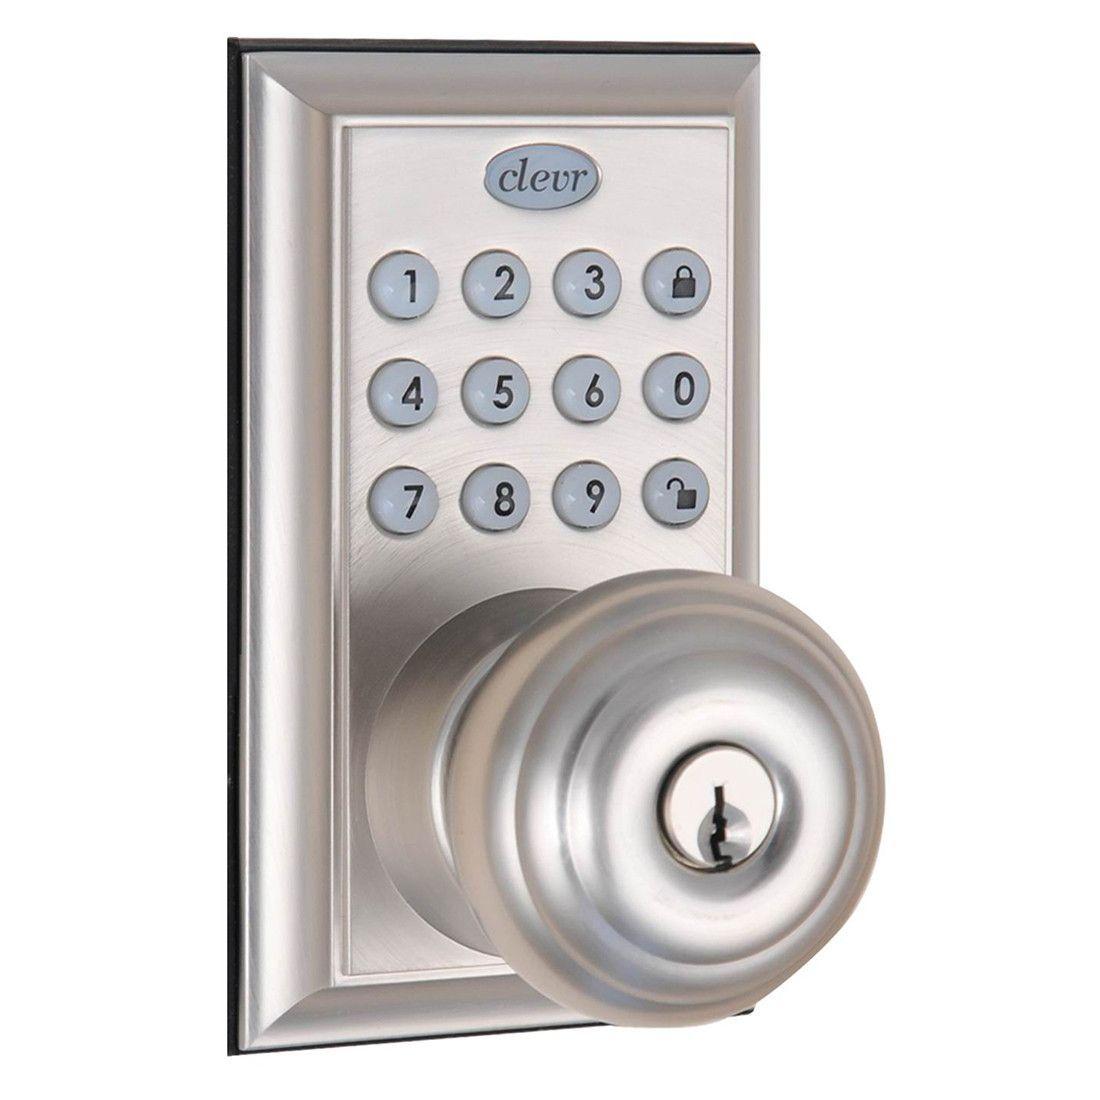 Clevr Indoor / Outdoor Electronic Keypad Keyless Entry Door